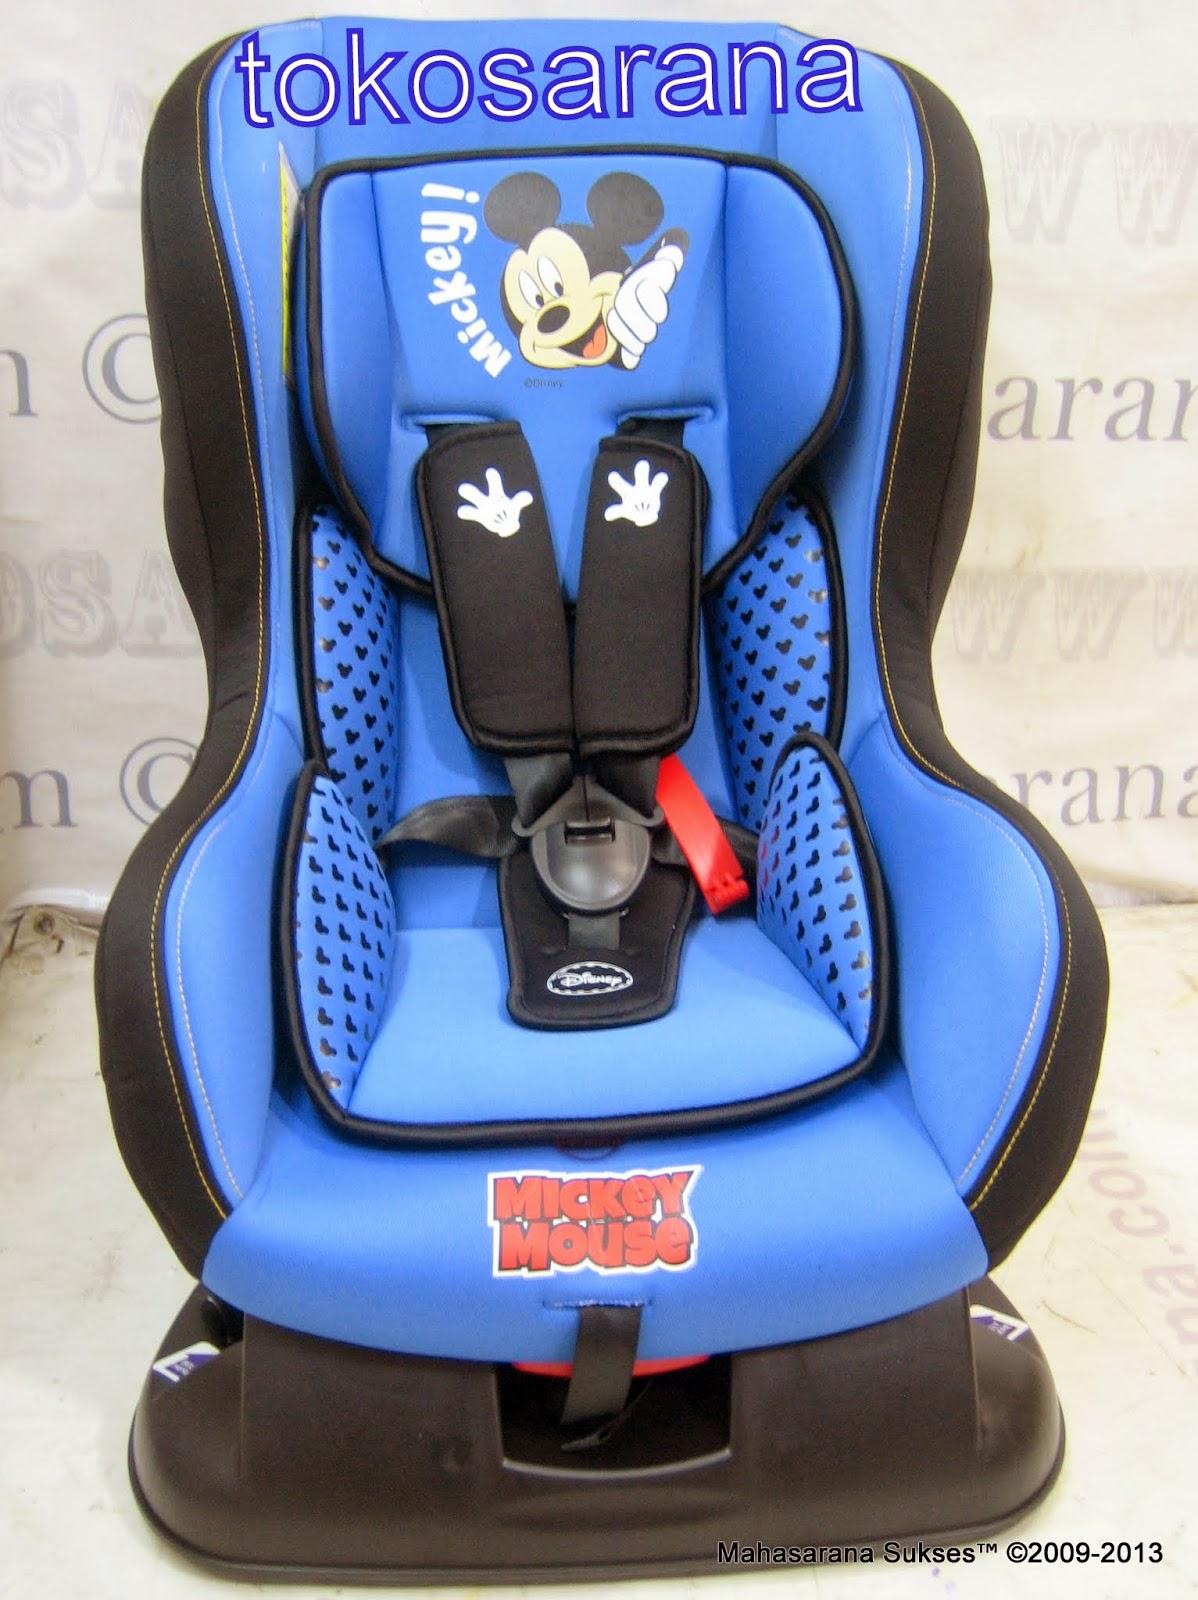 clearance sale sepeda mainan anak dan perlengkapan bayi baby car seat pliko db018b disney. Black Bedroom Furniture Sets. Home Design Ideas